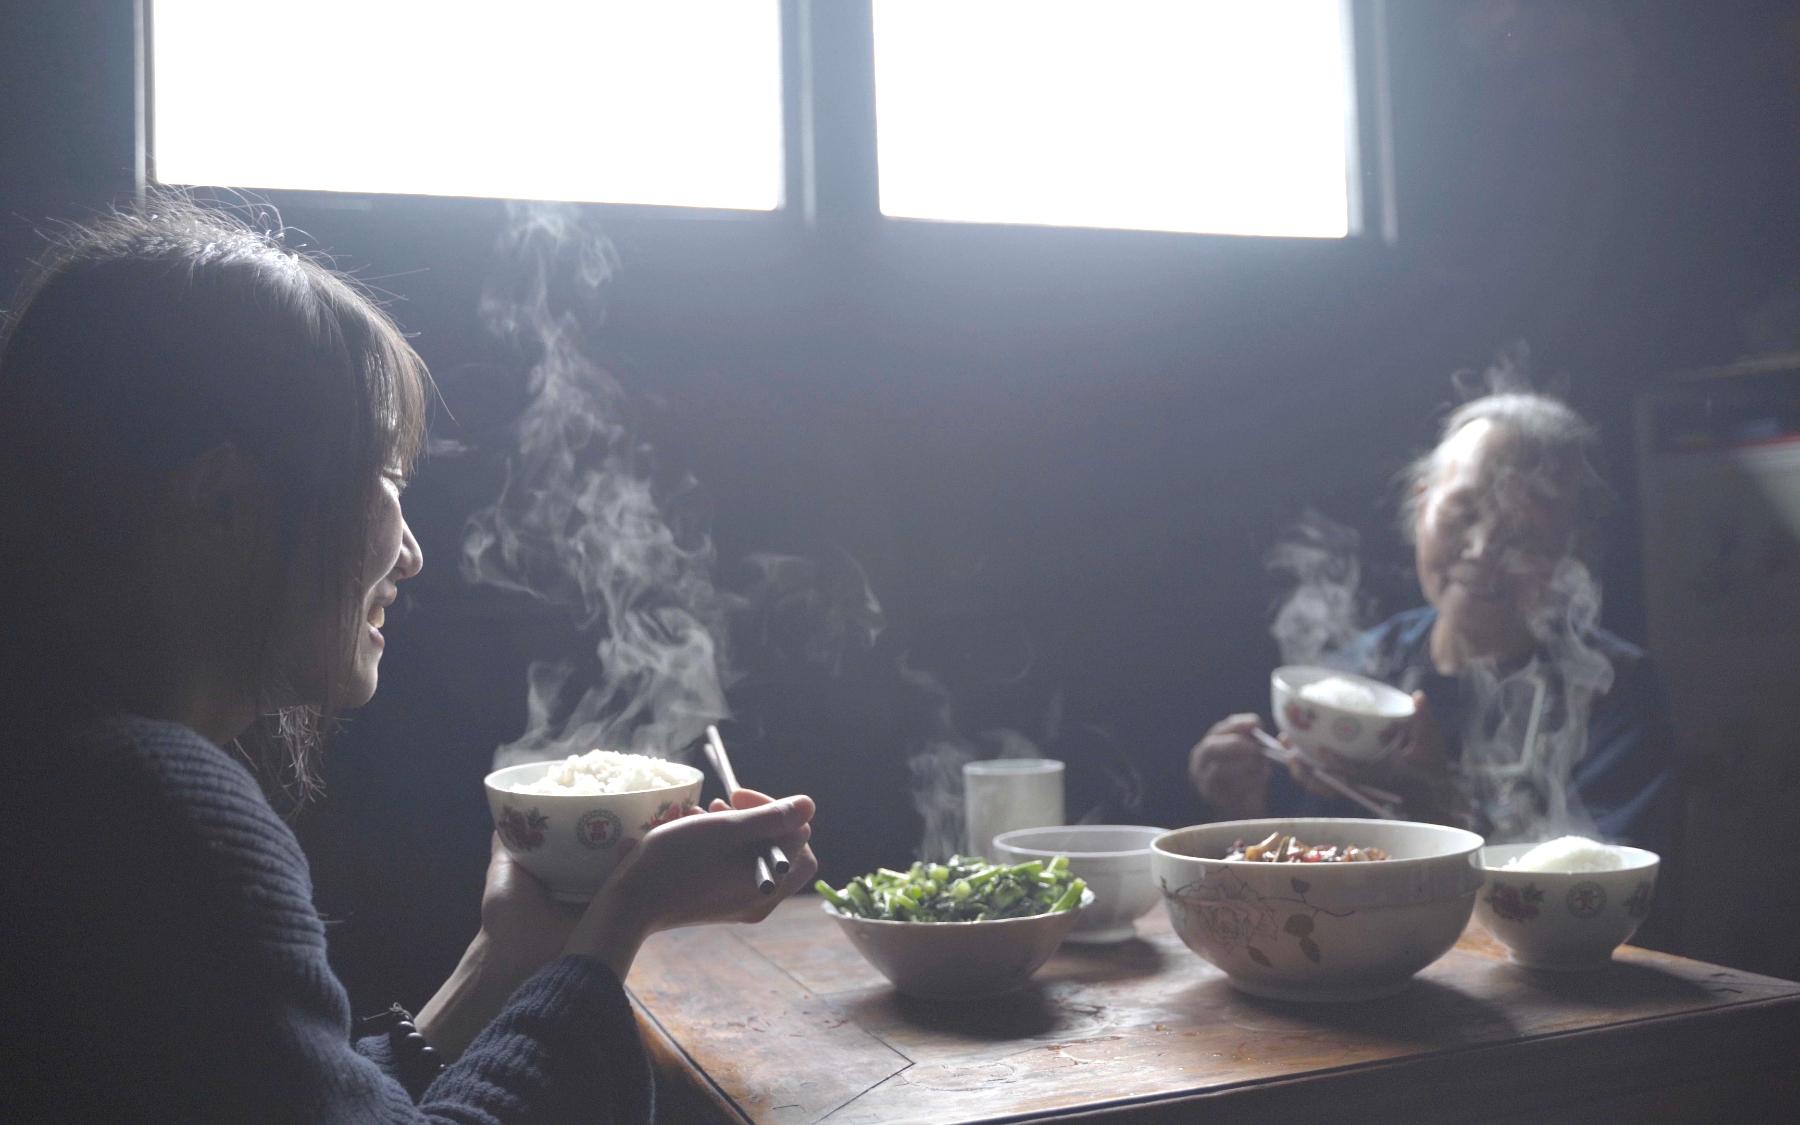 去深山苗寨走走,吃了人家一顿柴火饭,打算给钱老人说拿钱没意思